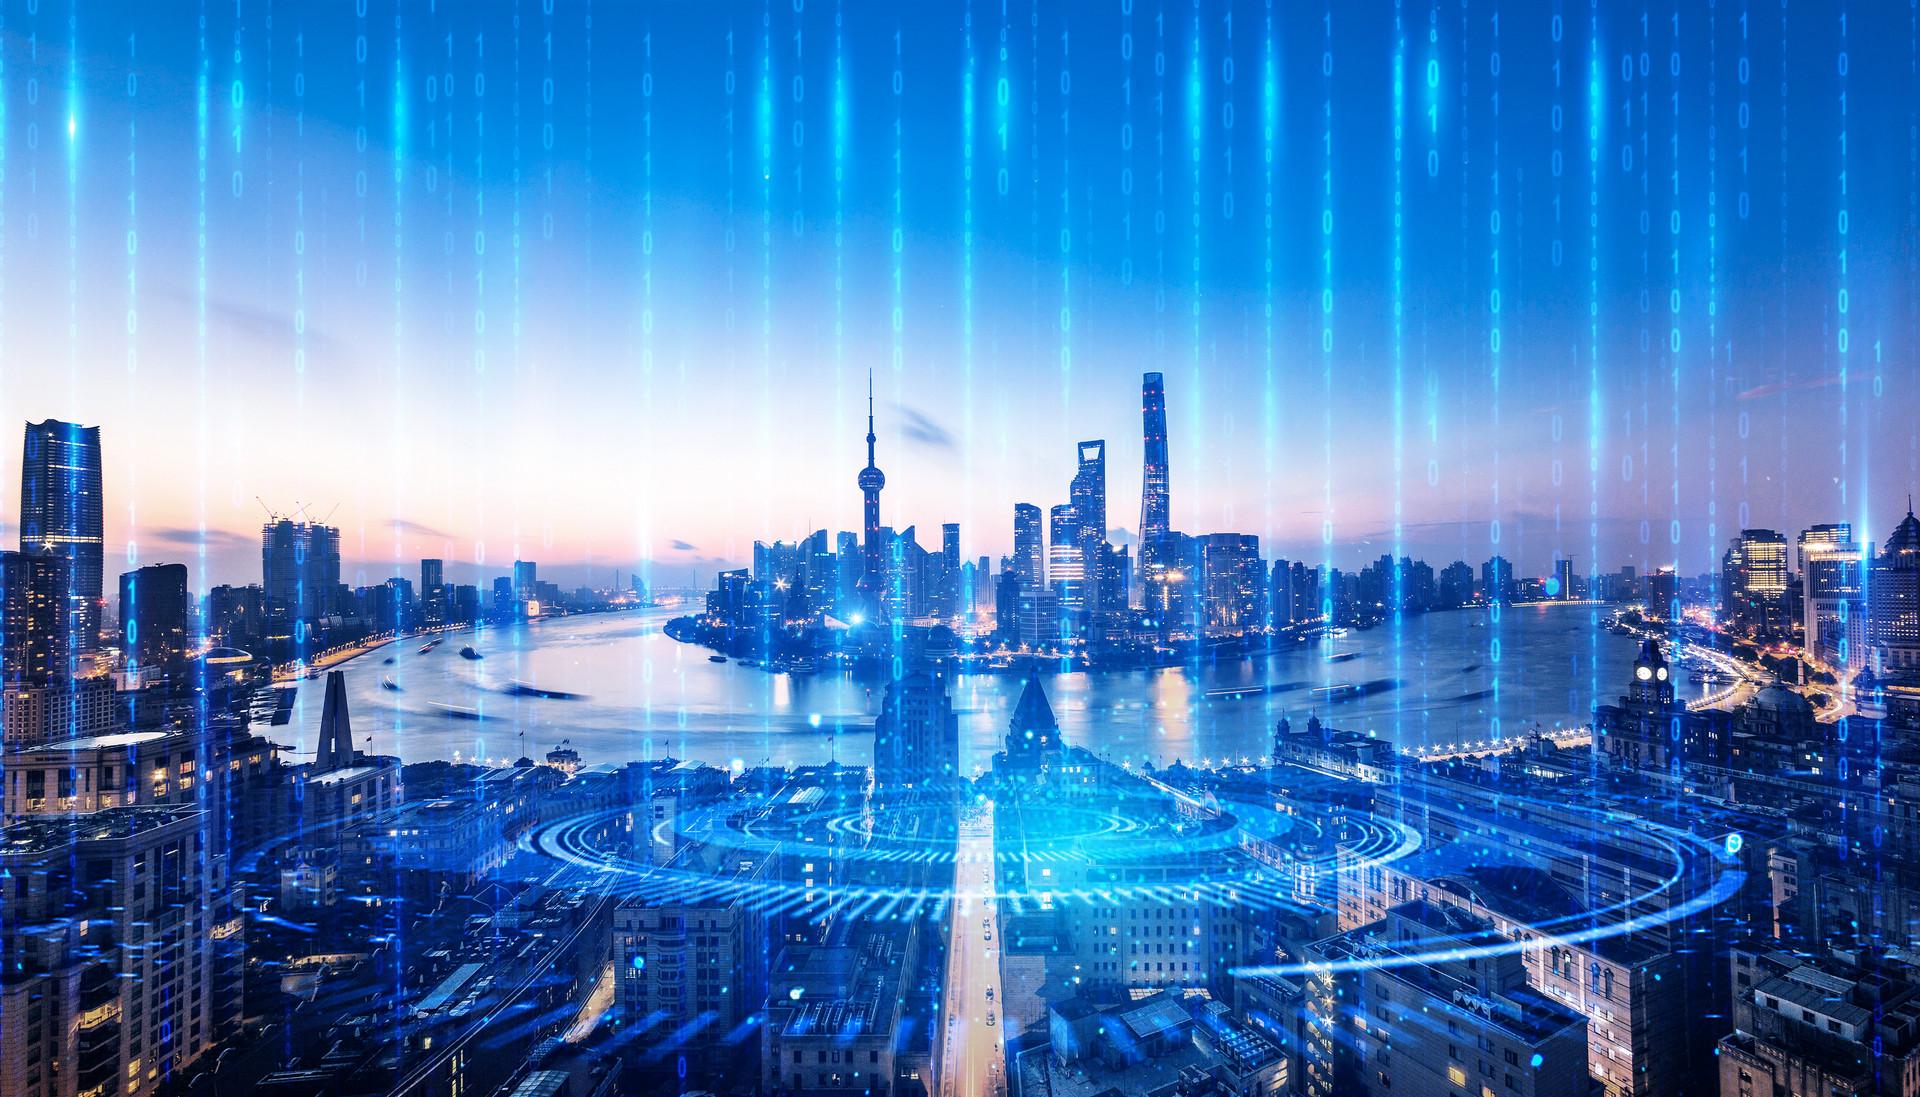 上海新天地,旅游融合发展的好范本